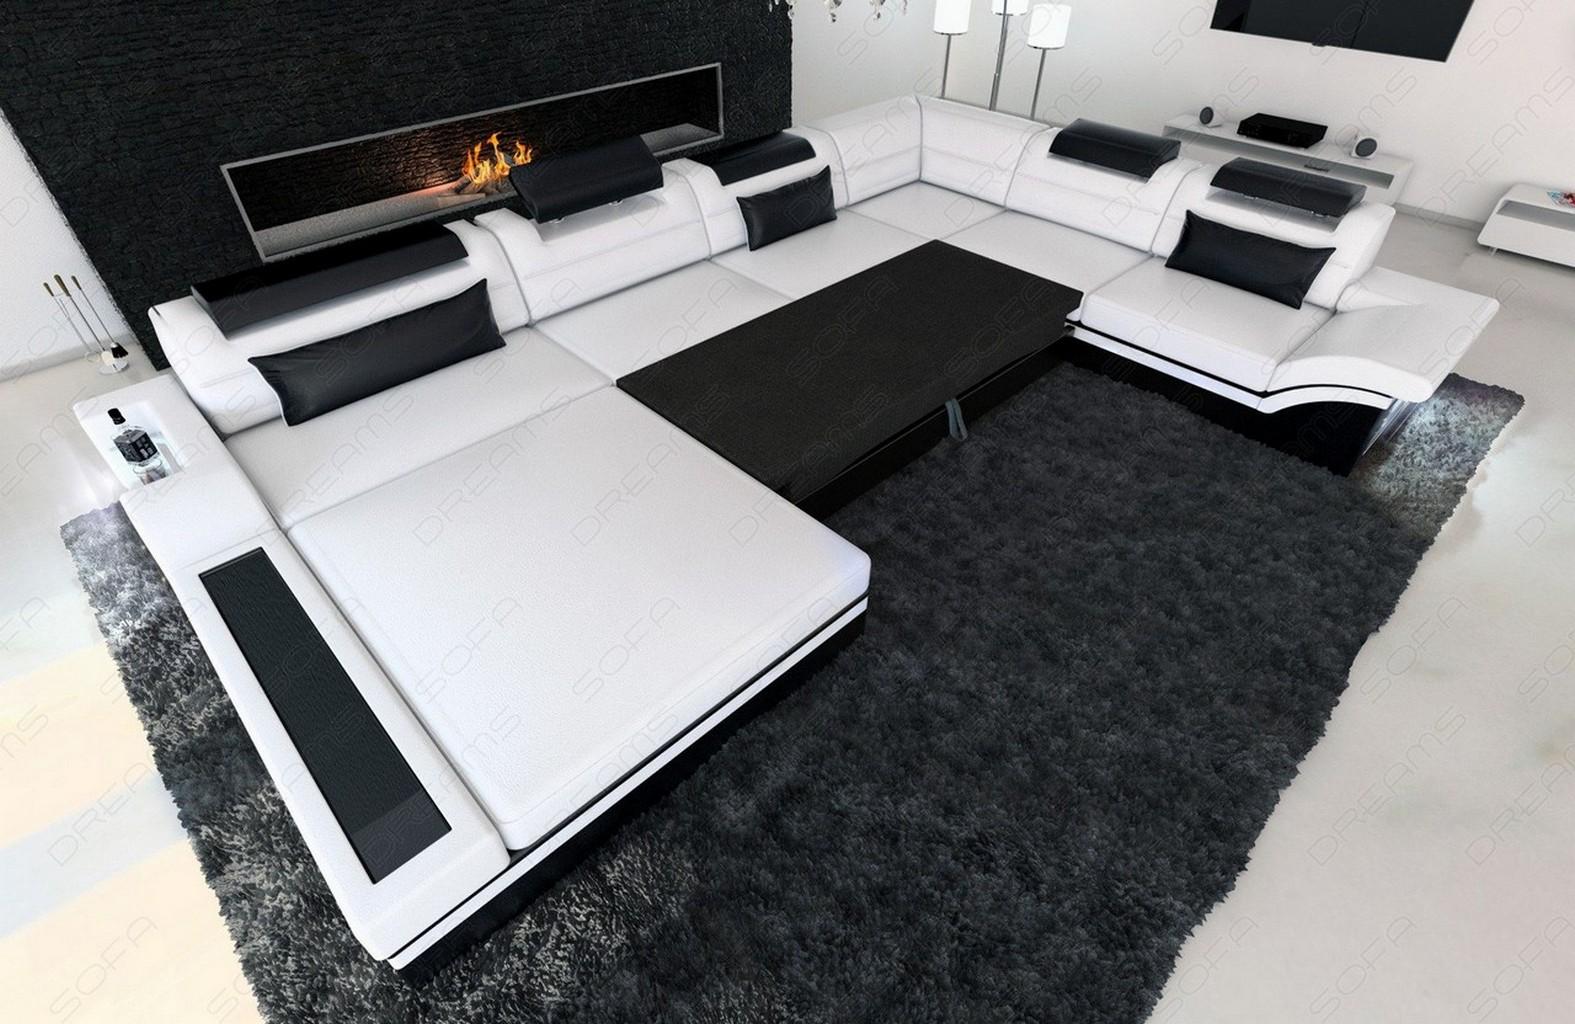 ledersofa mega wohnlandschaft mezzo xxl designer couch ottomane led beleuchtung ebay. Black Bedroom Furniture Sets. Home Design Ideas